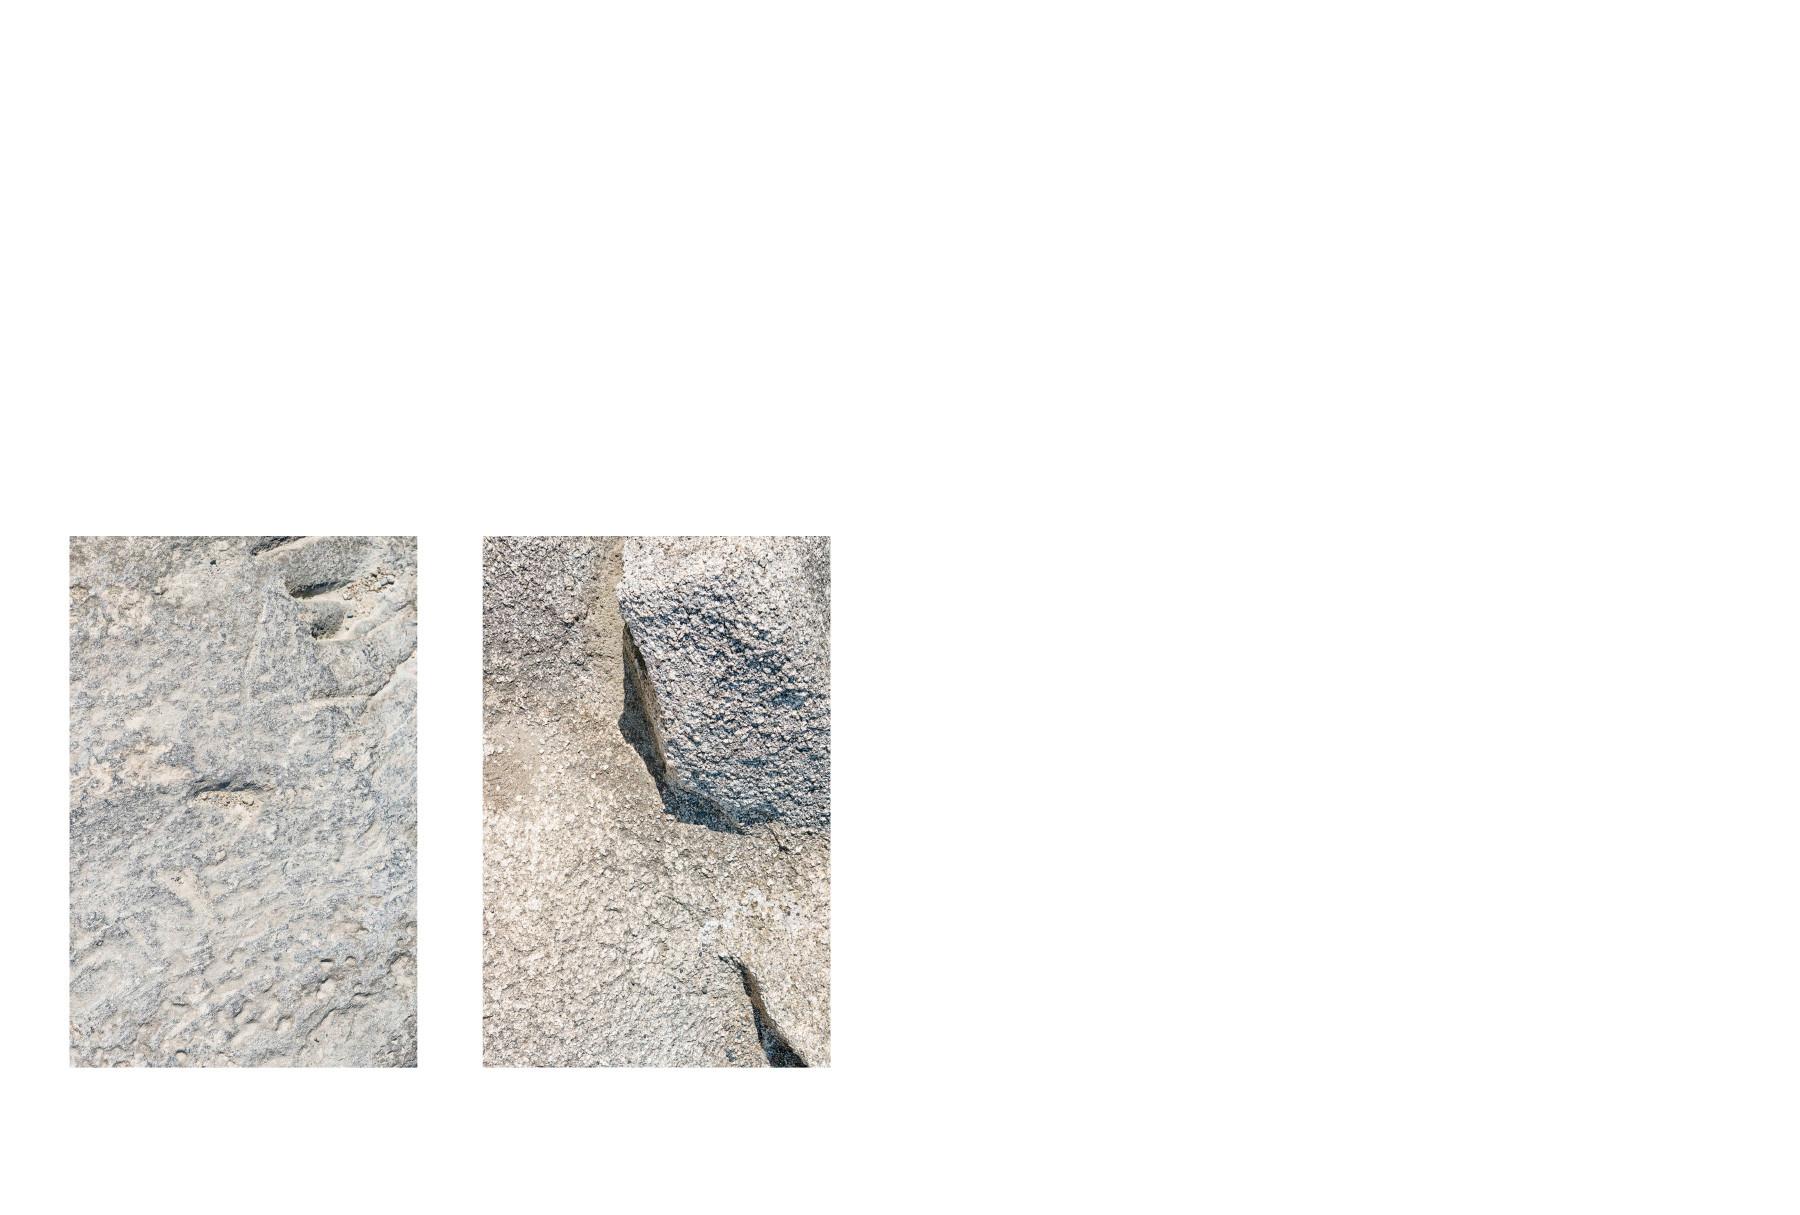 Stones01-13.jpg